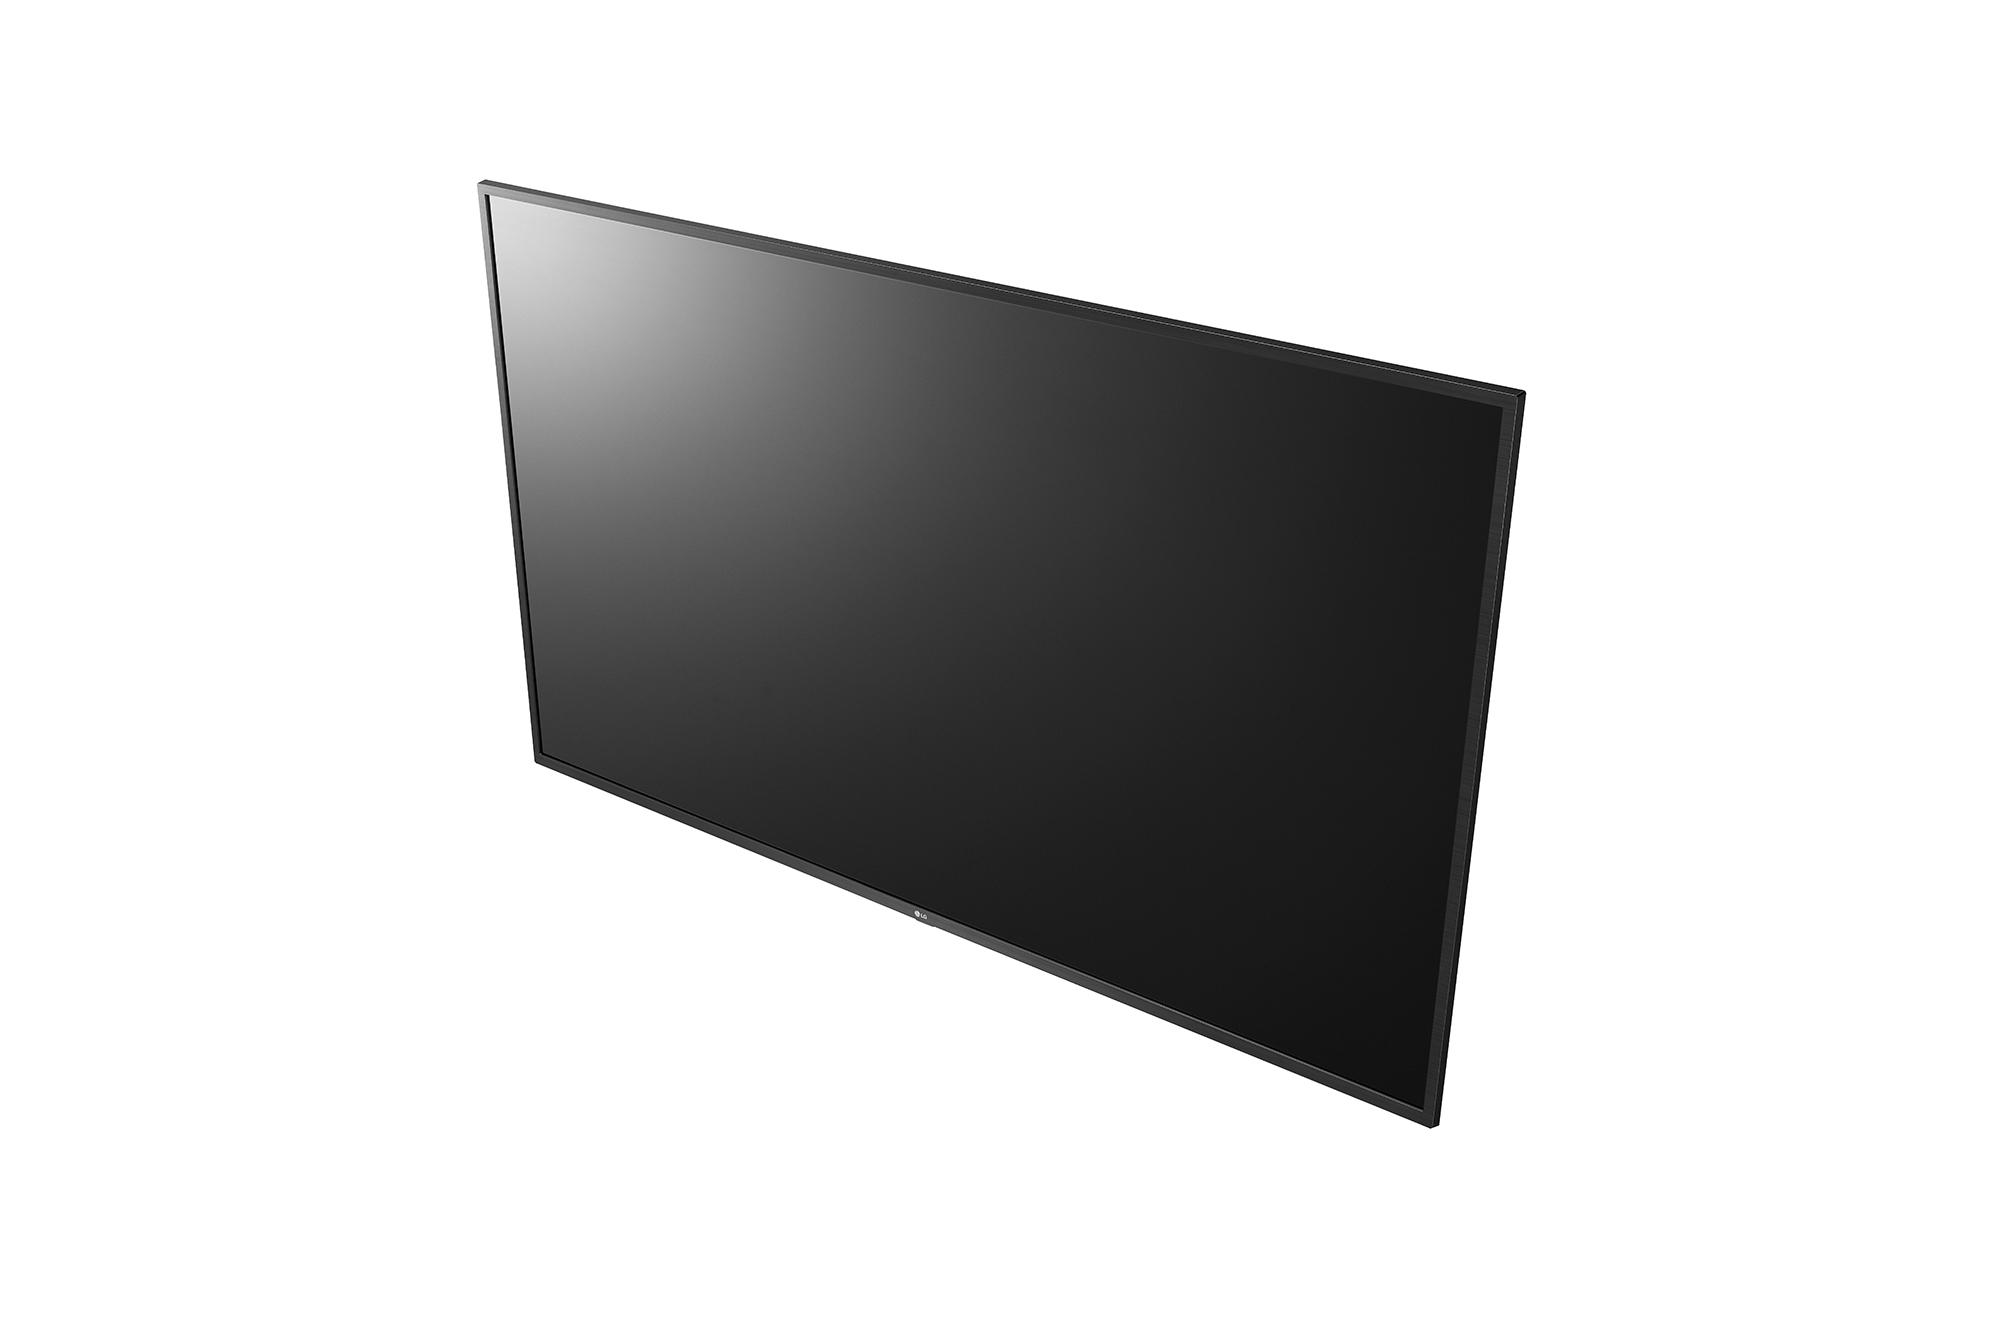 LG Standard Premium 55UL3G-B 9